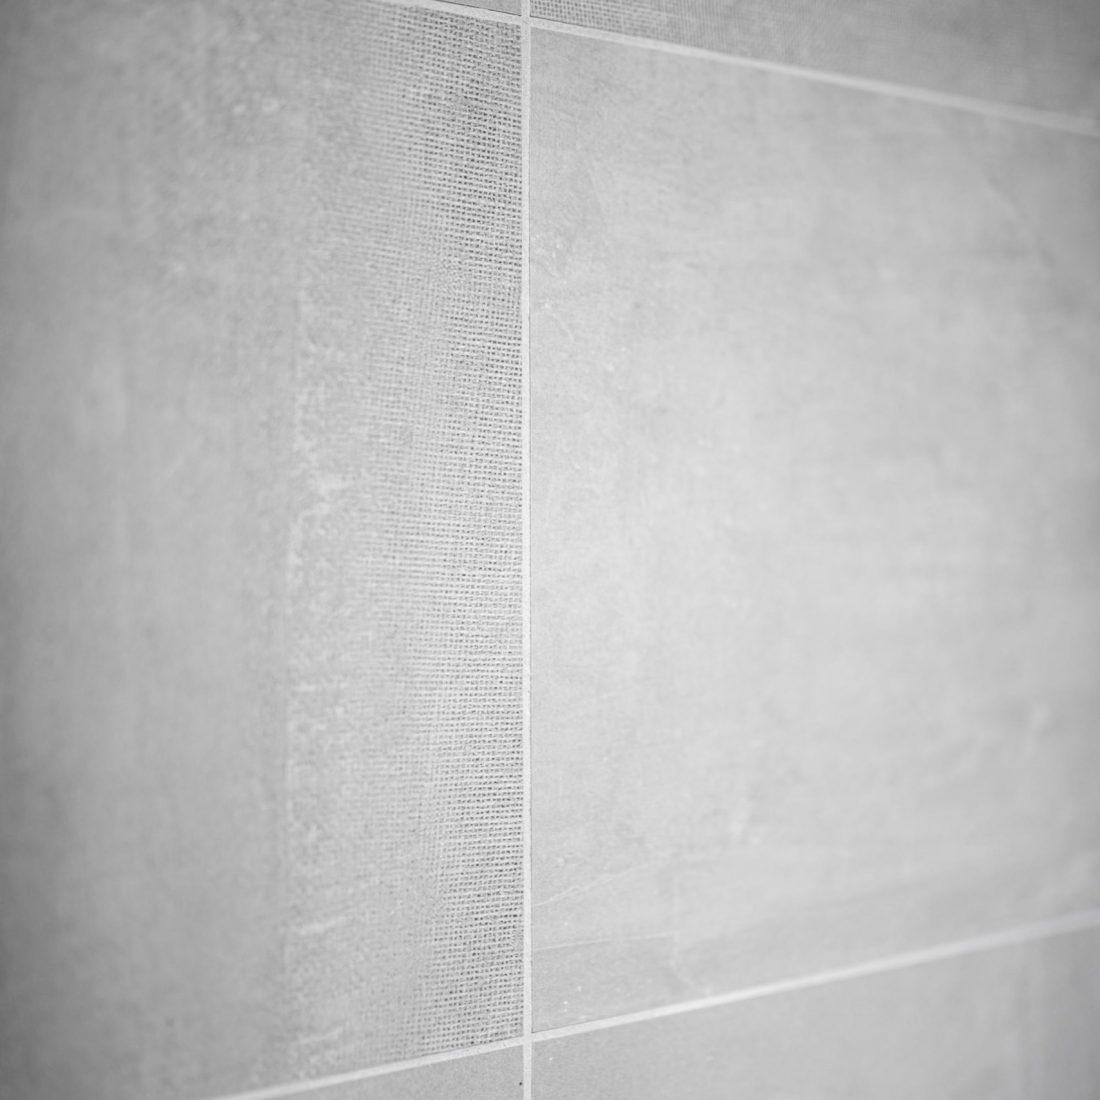 pose-carrelage-salle-de-bains-pereira-carrelage-chablais